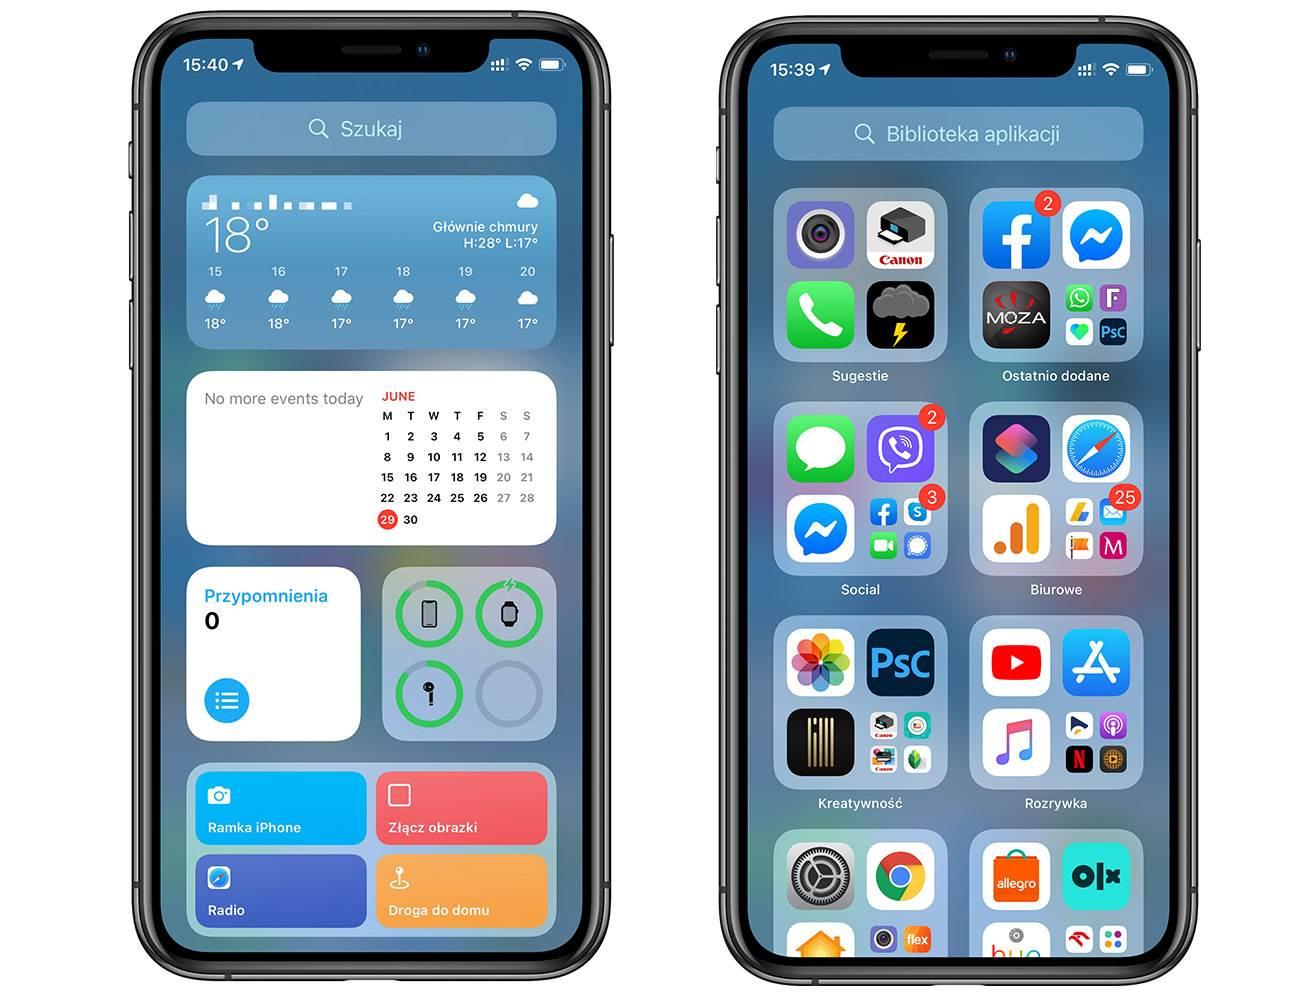 iOS 14 pozwala ukryć nieużywane ekrany główne polecane, ciekawostki jak ukryc ekran, iPhone, iOS 14  Po kilkudniowej przerwie powracamy do opisywania nowości dostępnych w iOS 14. W tym wpisie dowiecie się jak ukryć nieużywane ekrany główne w iPhone. iOS14 1 7